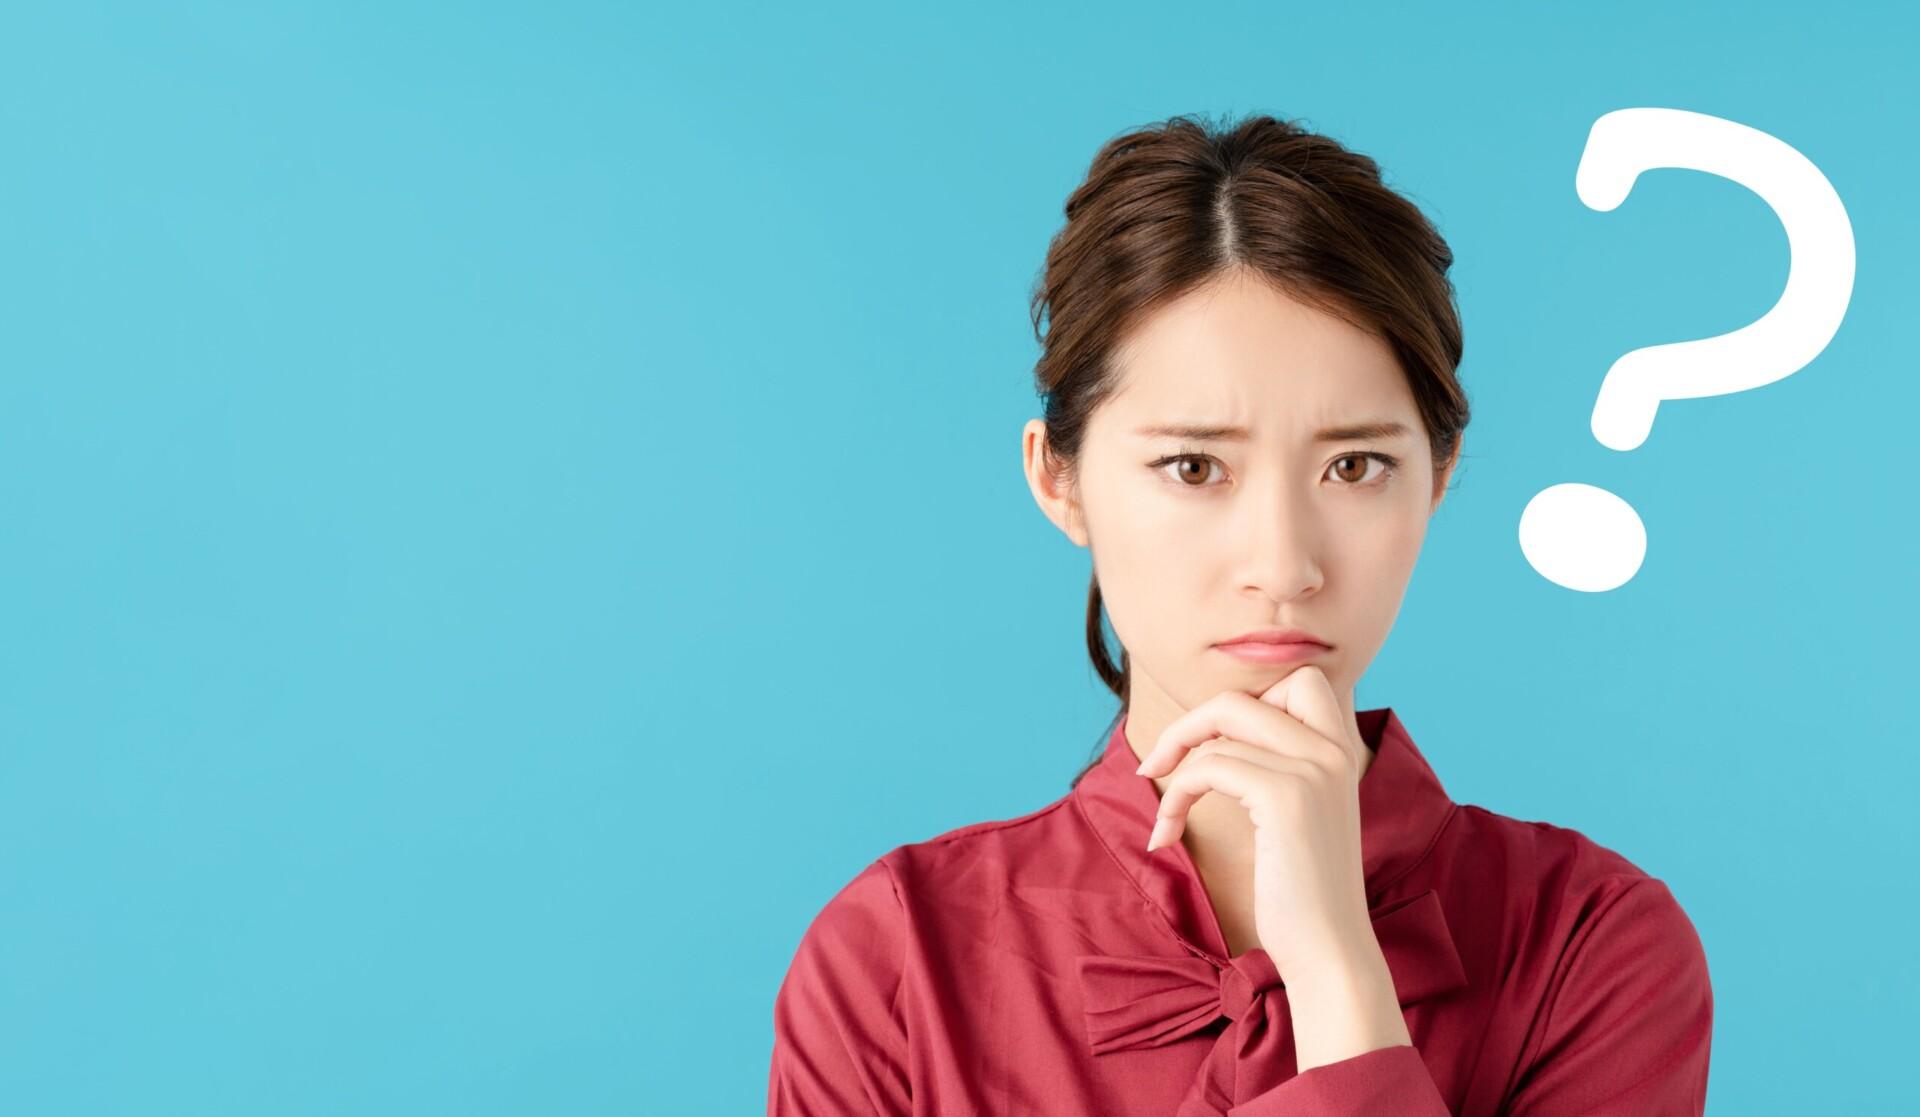 昭和区 パーソナルジム 女性が困っている写真